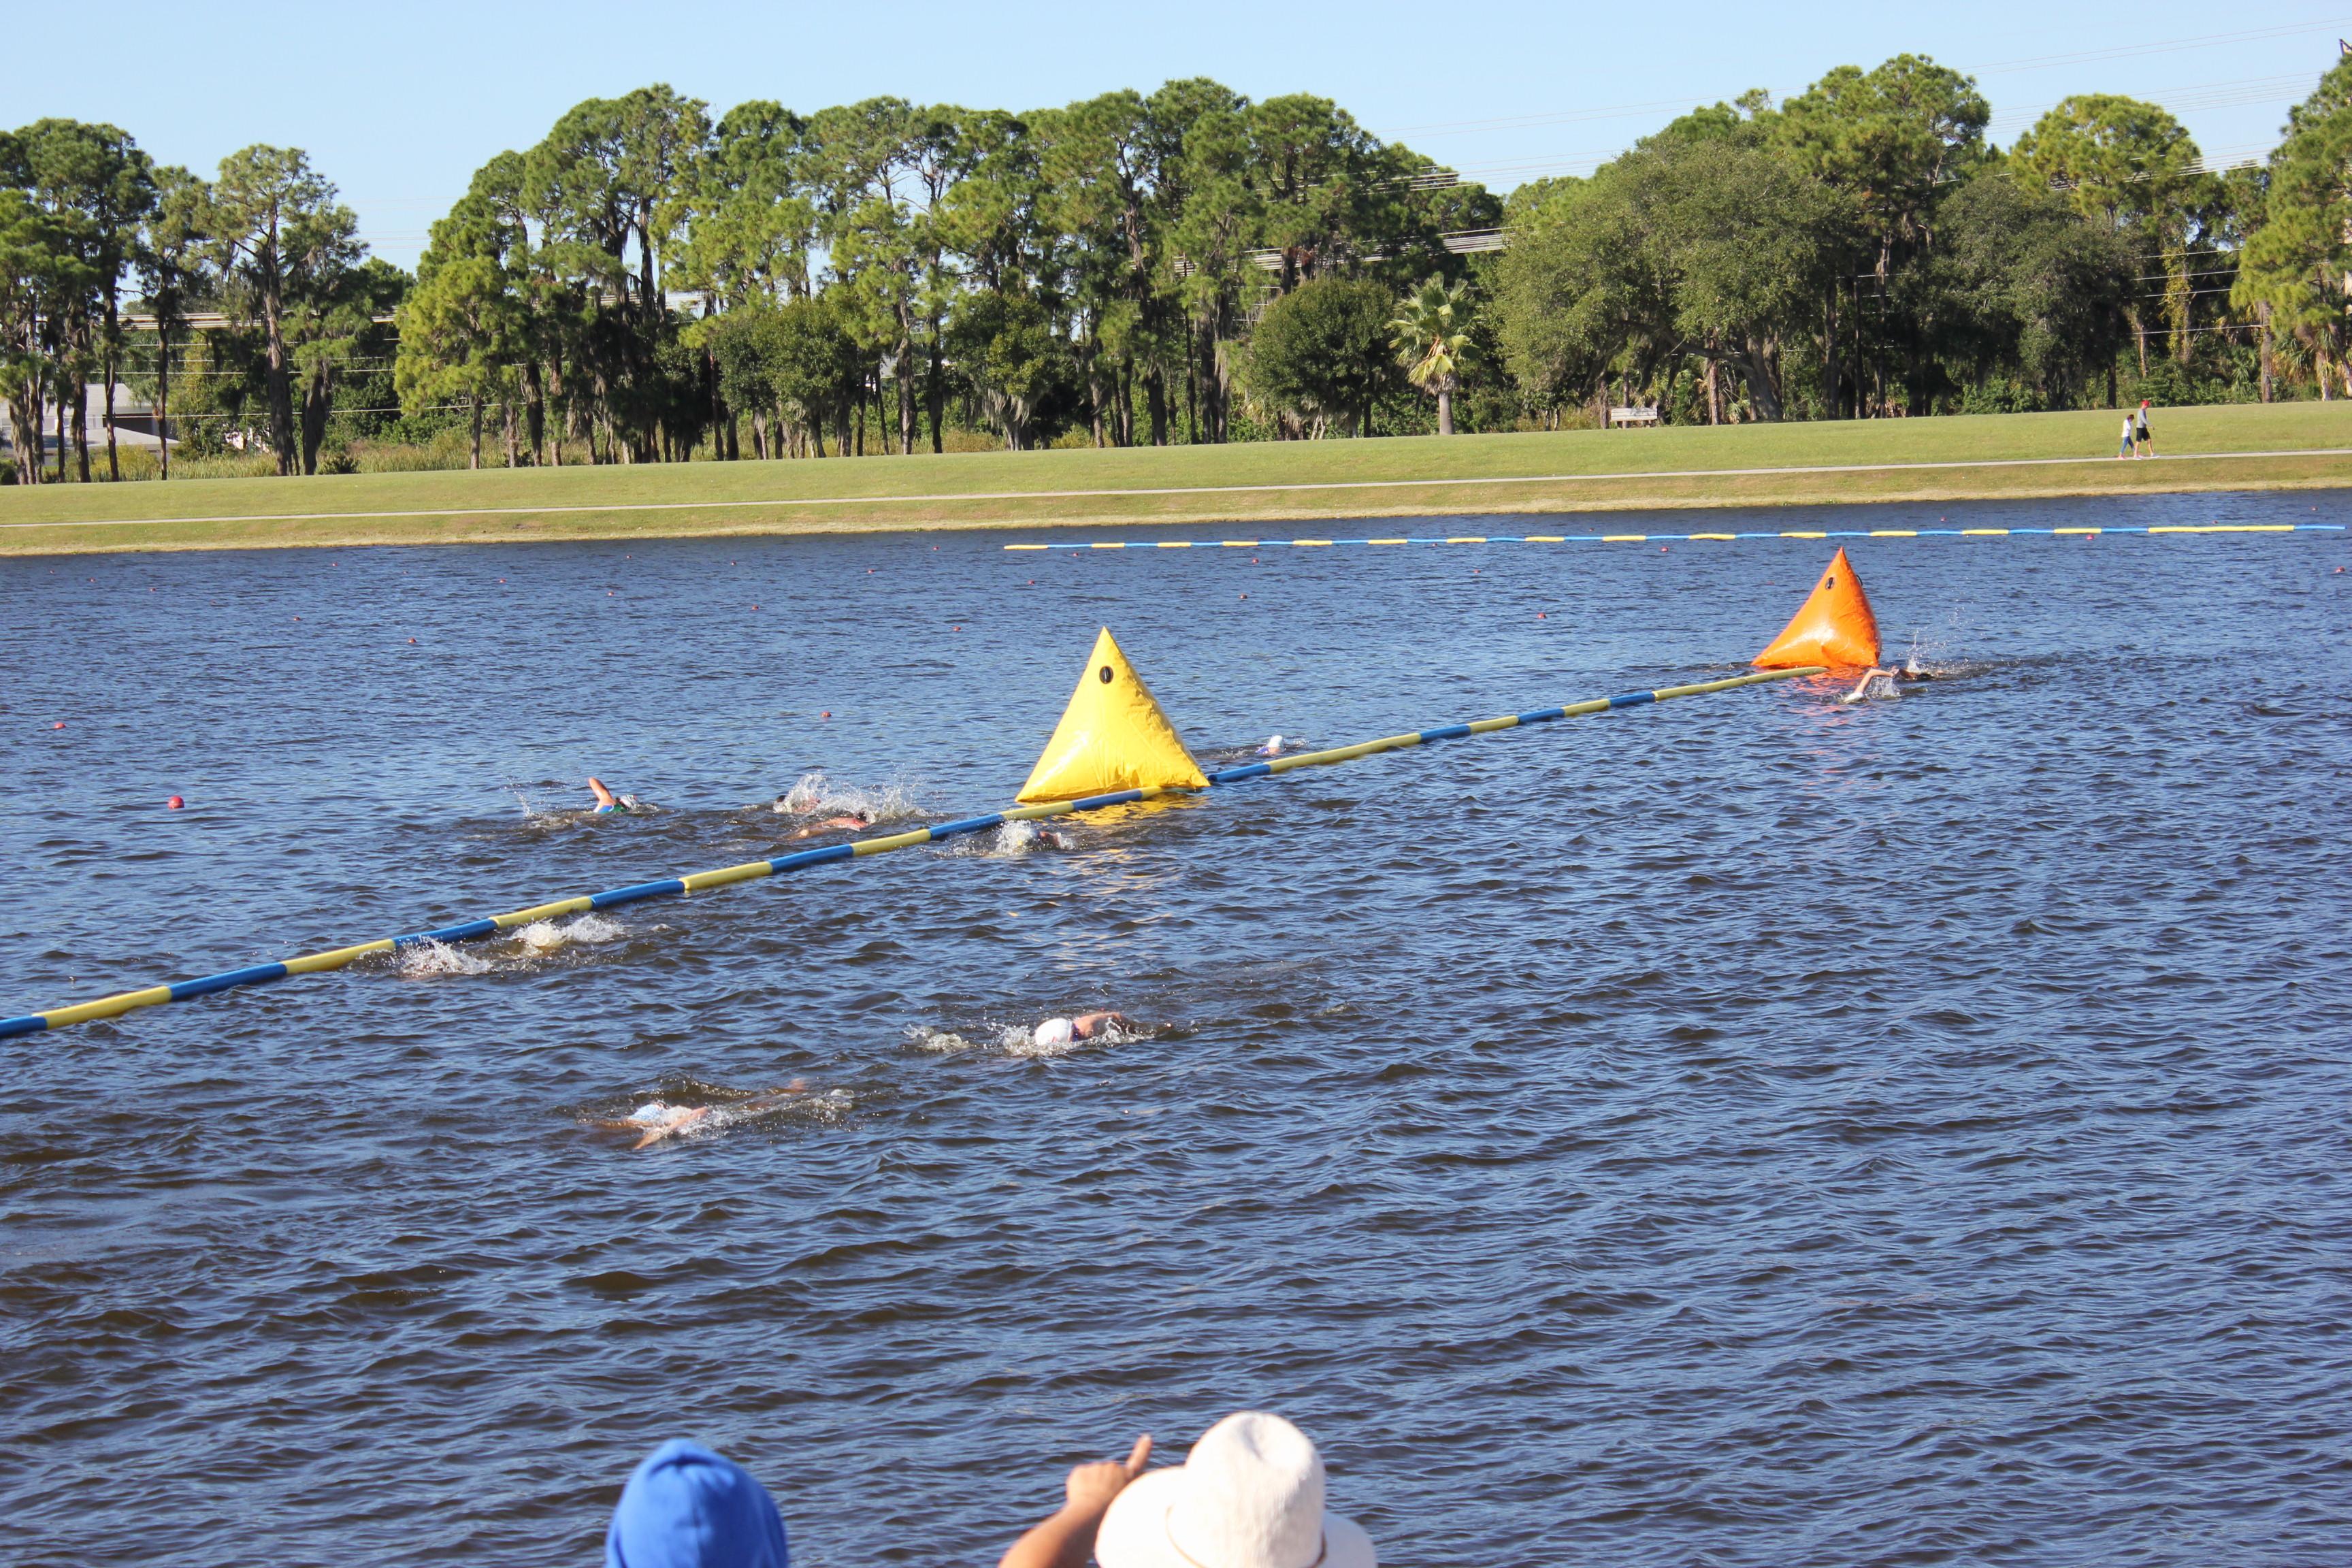 100m swim